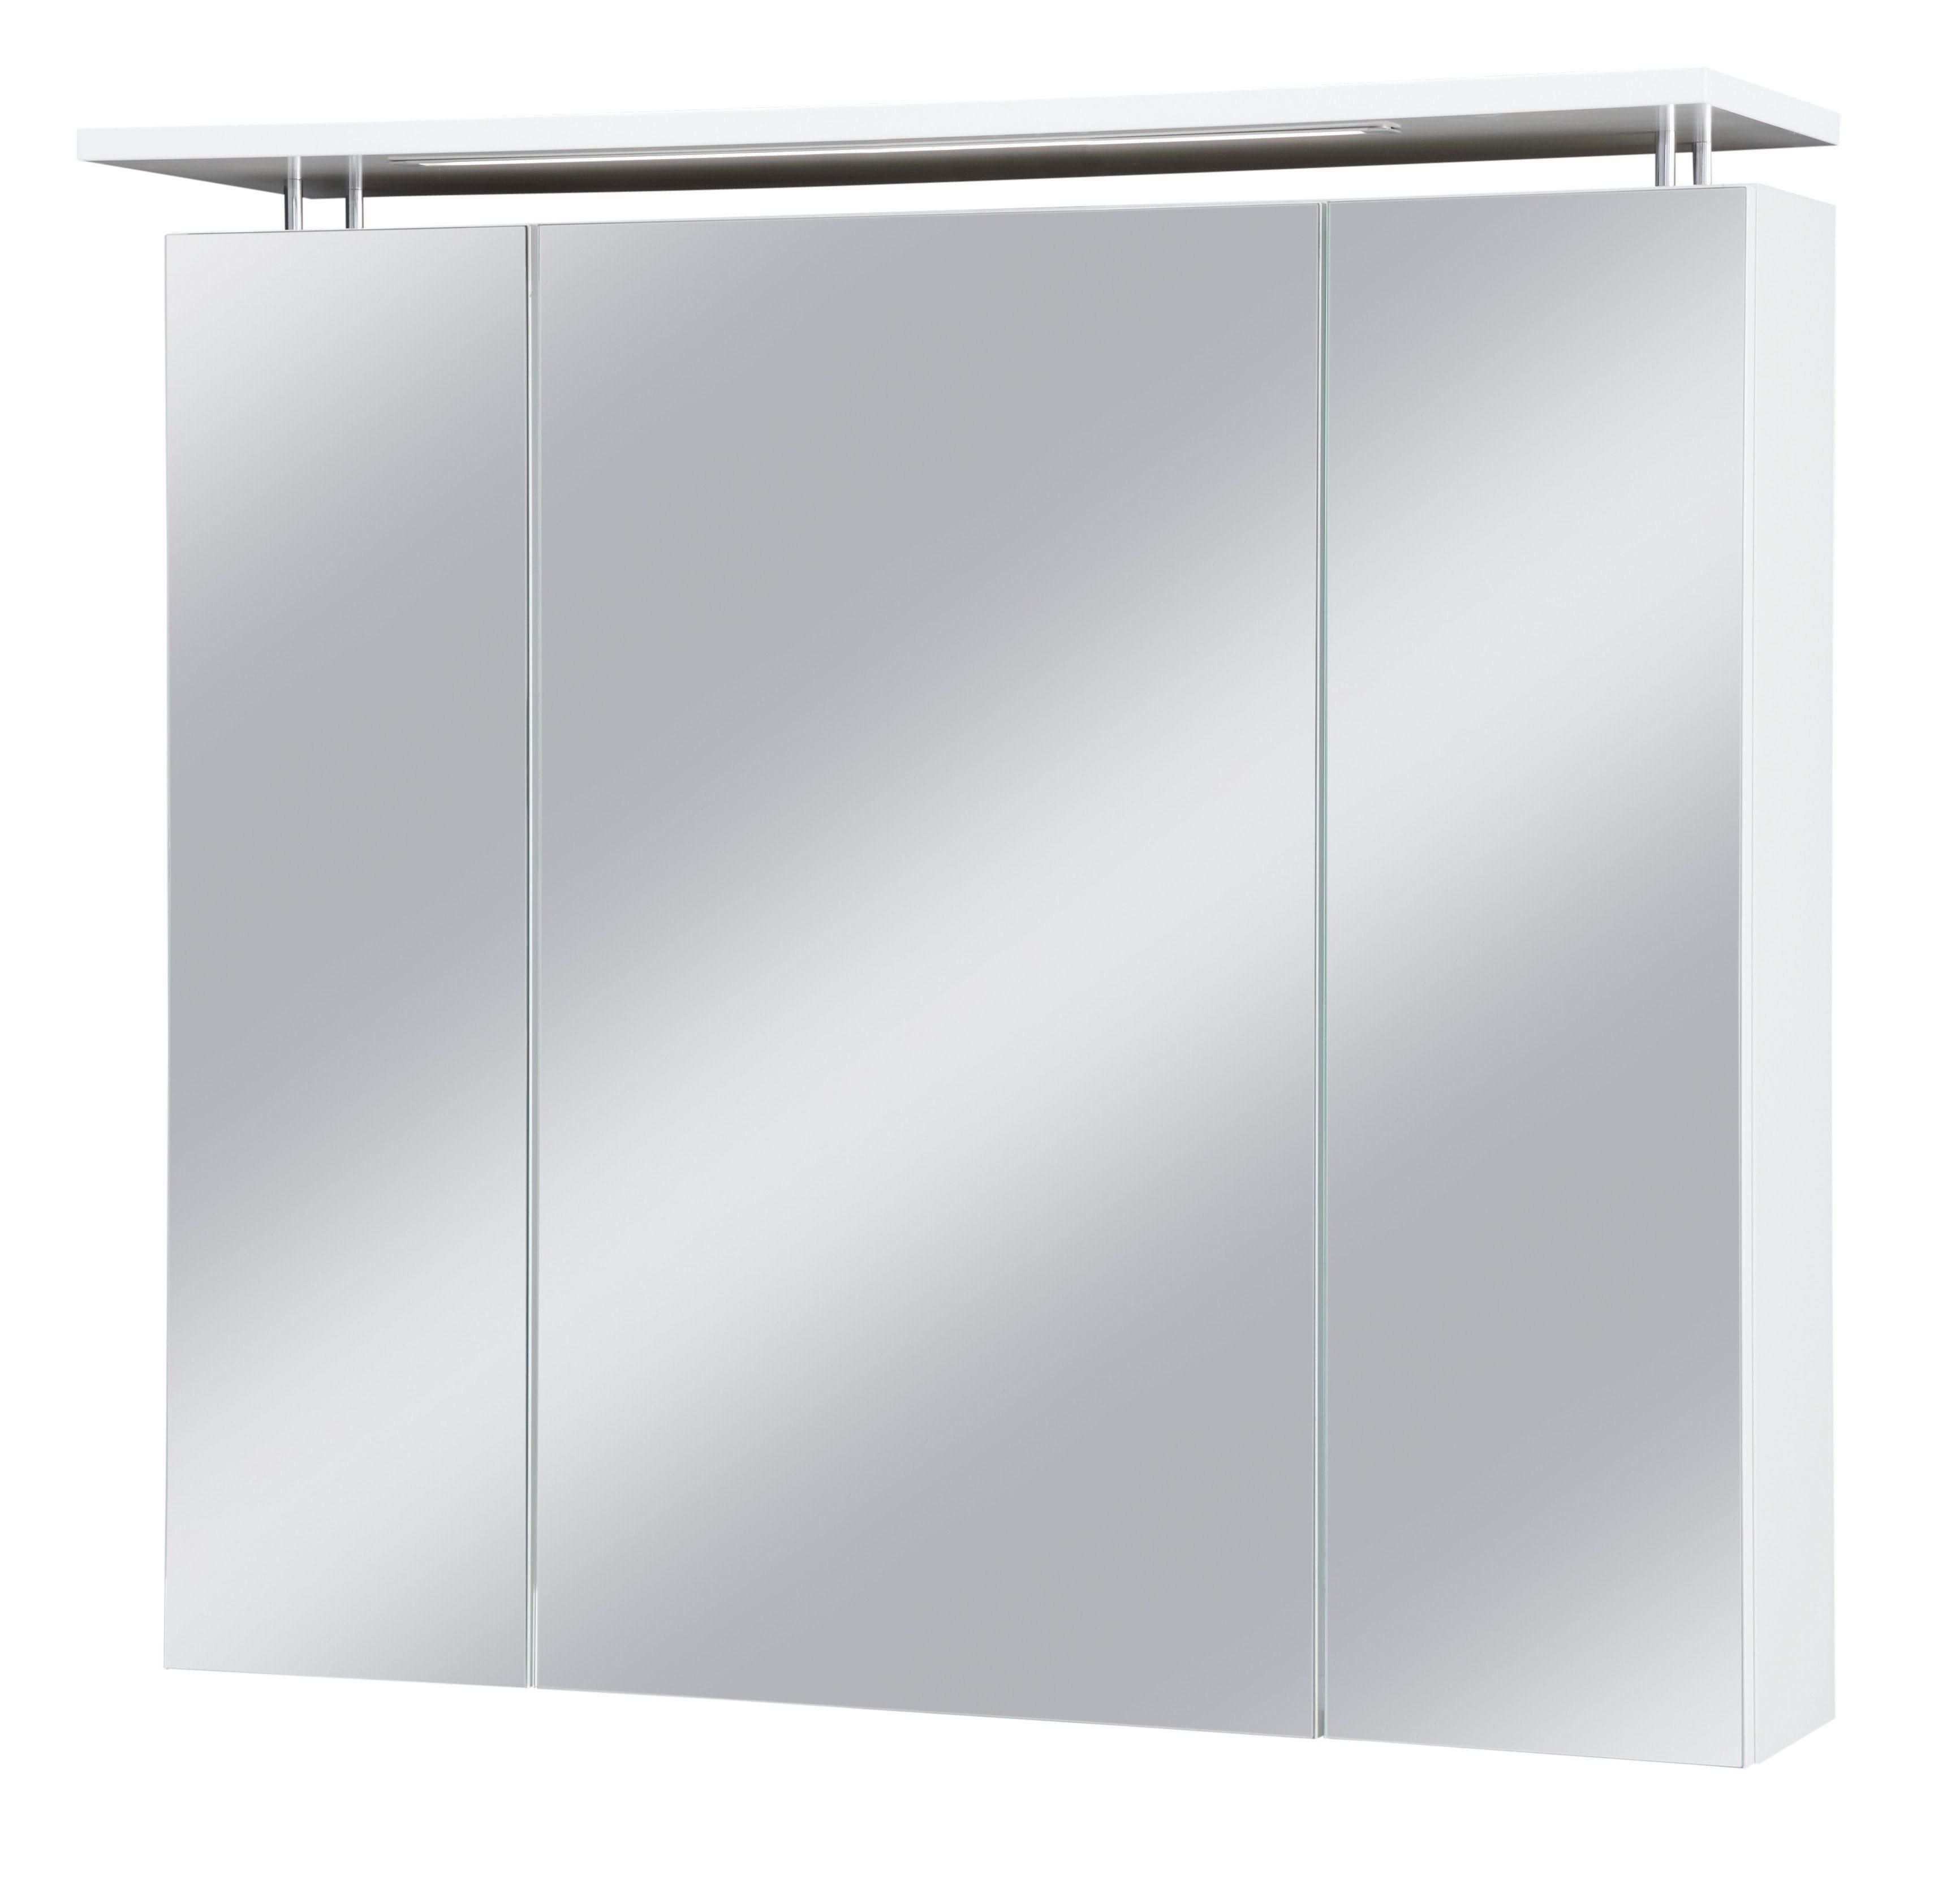 SCHILDMEYER Spiegelschrank »Profil«, Breite 80 cm